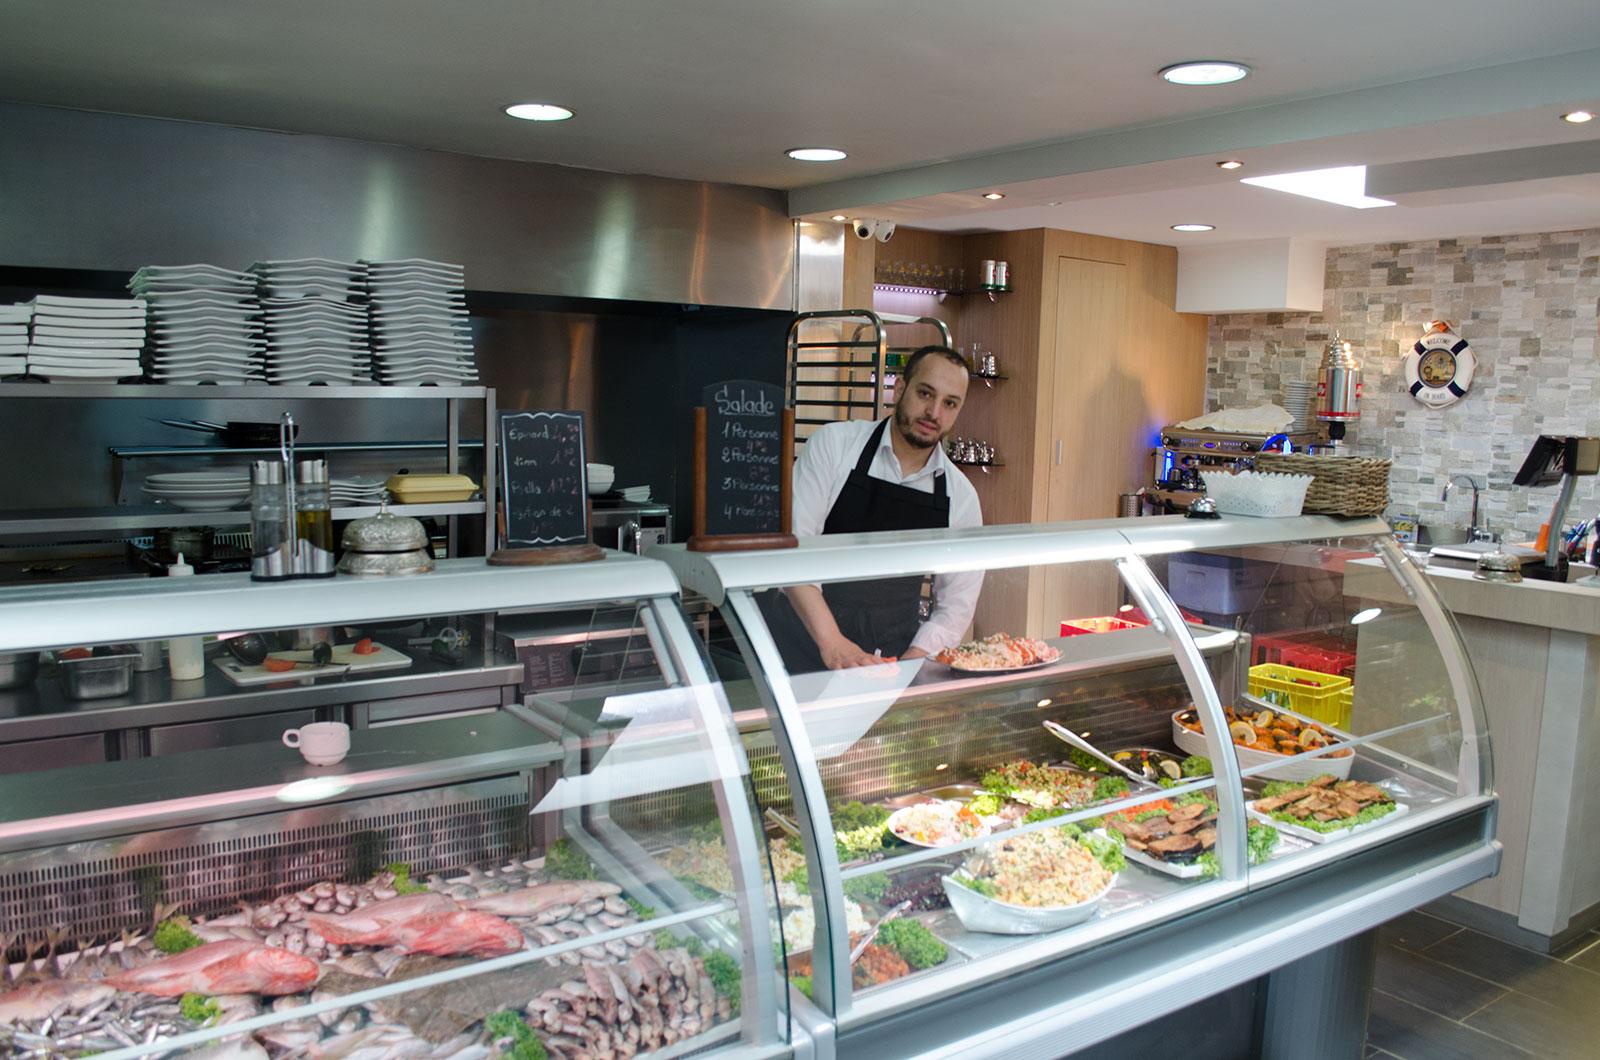 traiteur-img-2 - Livraison de poissons • Poissonnerie • Restaurant • Traiteur à Anderlecht